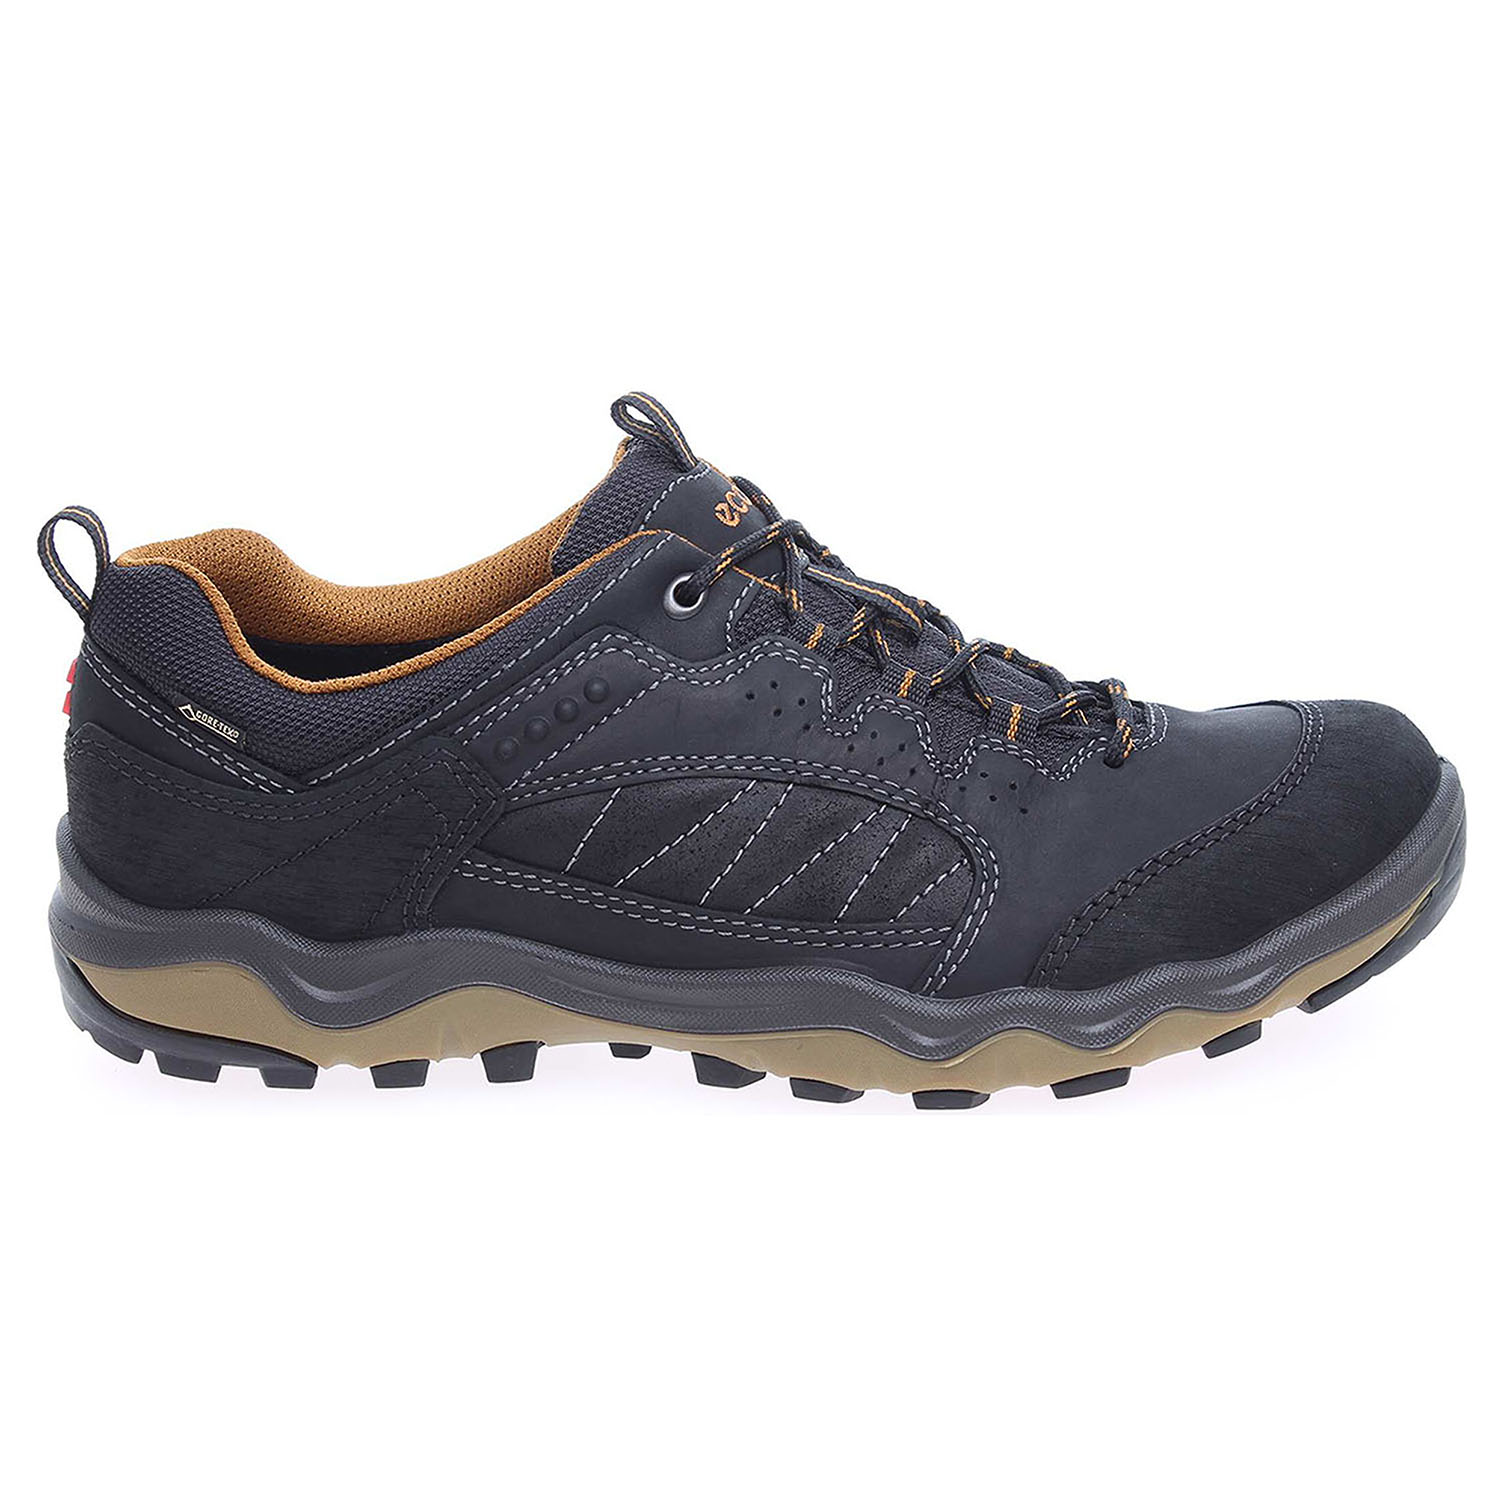 Ecco Ecco Ulterra pánská obuv 82312458654 černá 24200184